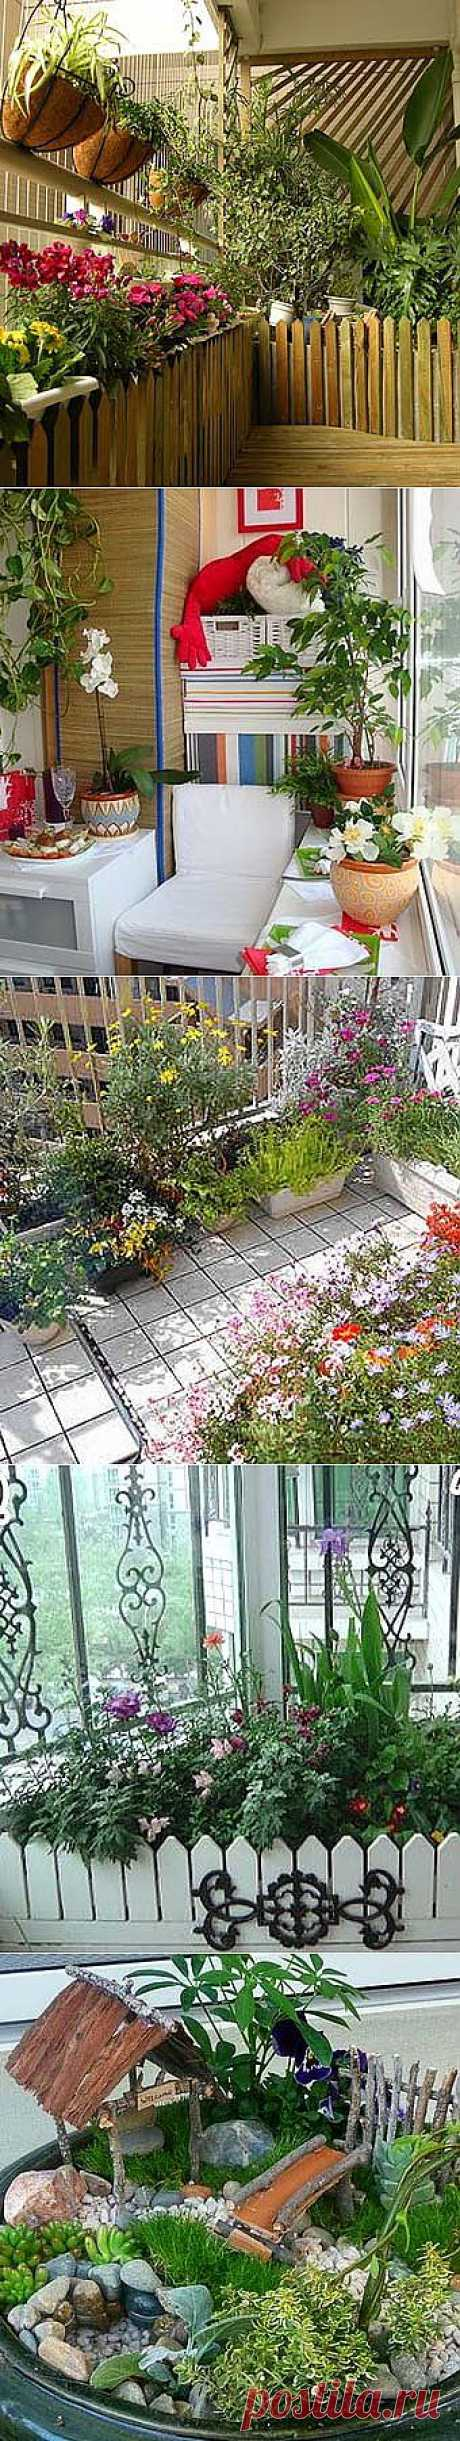 Цветы на балконе: 16 вариантов дизайна балкона - Учимся Делать Все Сами